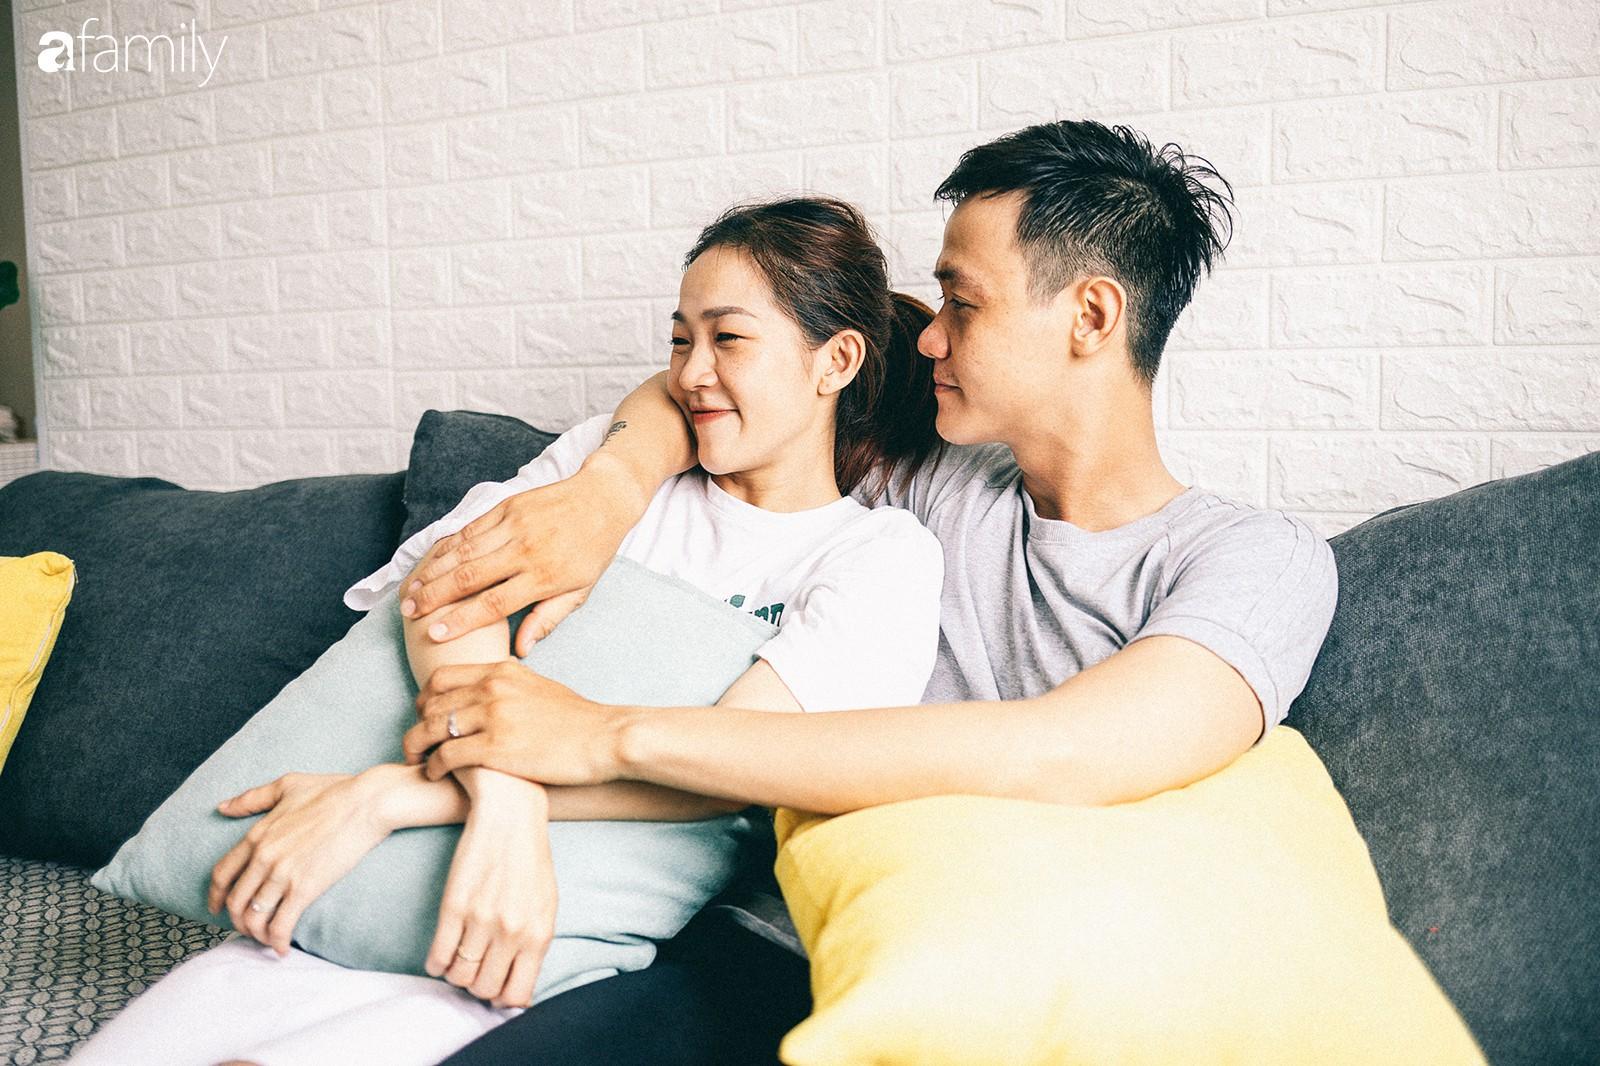 Căn hộ xanh bạc hà đẹp như mơ và chuyện cặp vợ chồng vũ công đi khắp Sài Gòn tự tay sắm sửa cho ngôi nhà hạnh phúc - Ảnh 6.